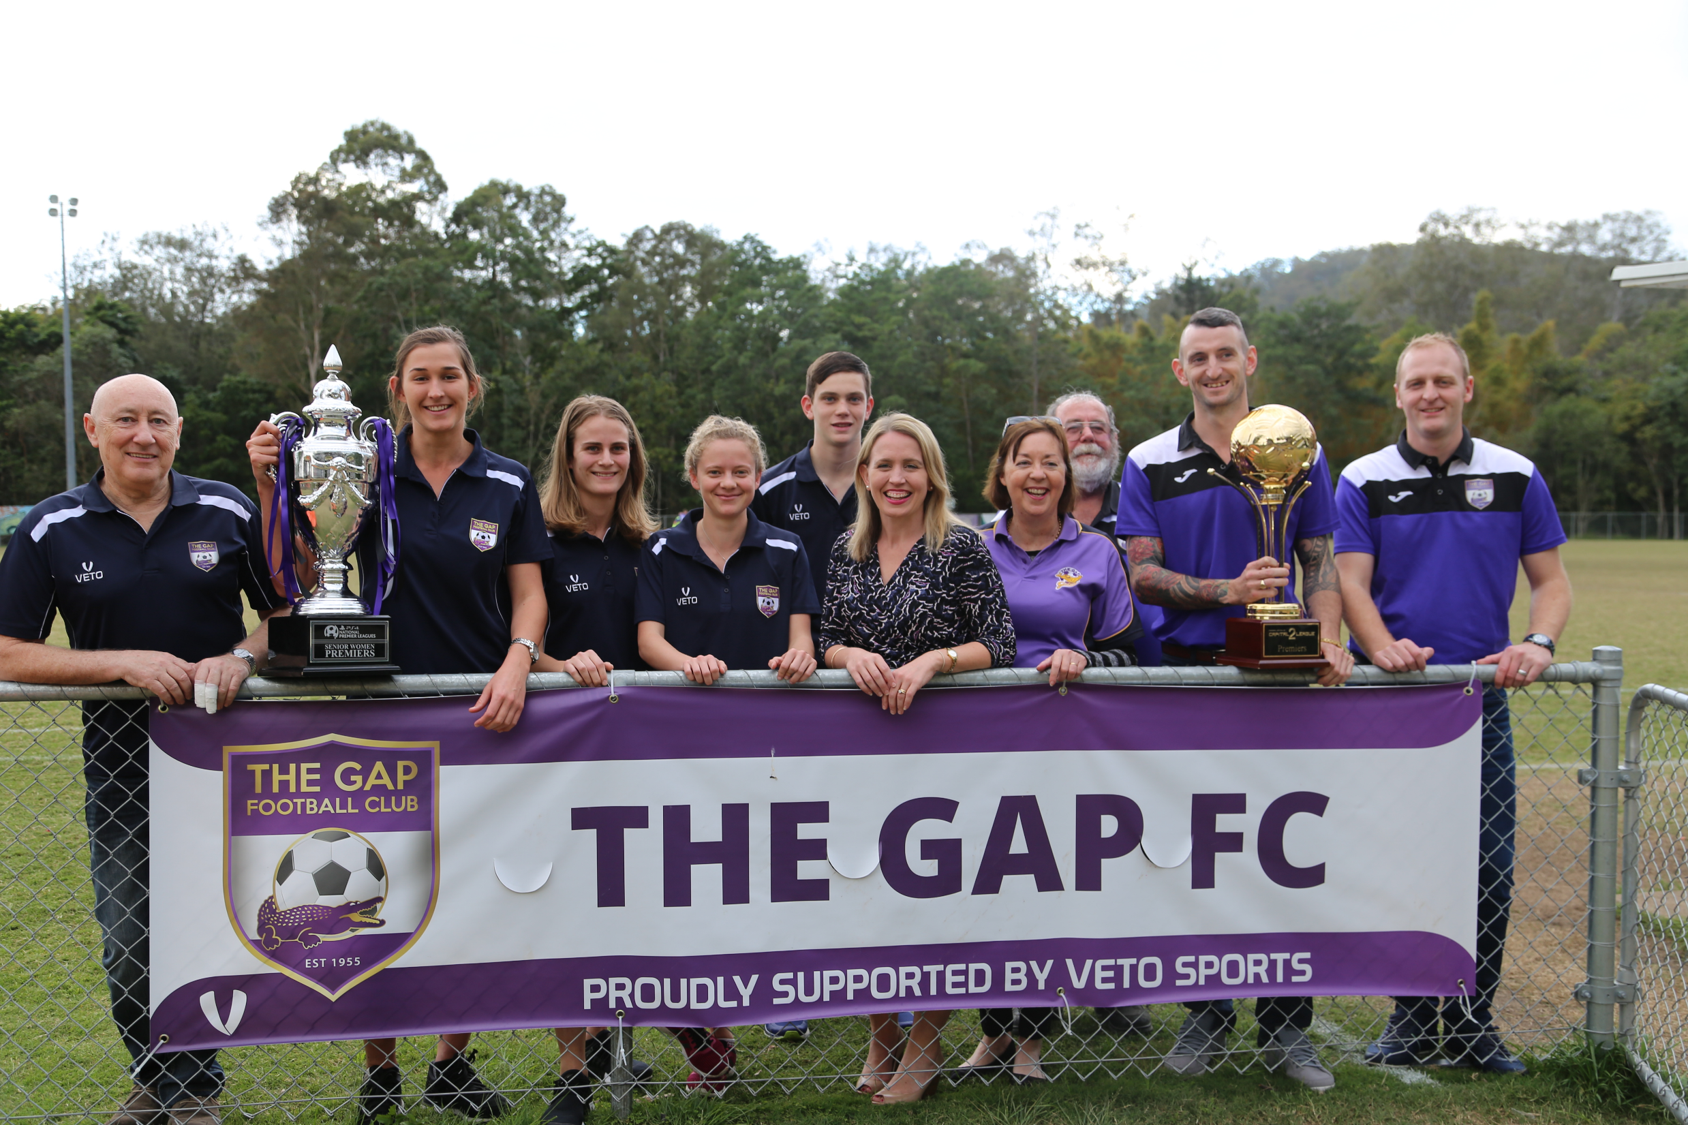 Major Upgrade at The Gap Football Club -